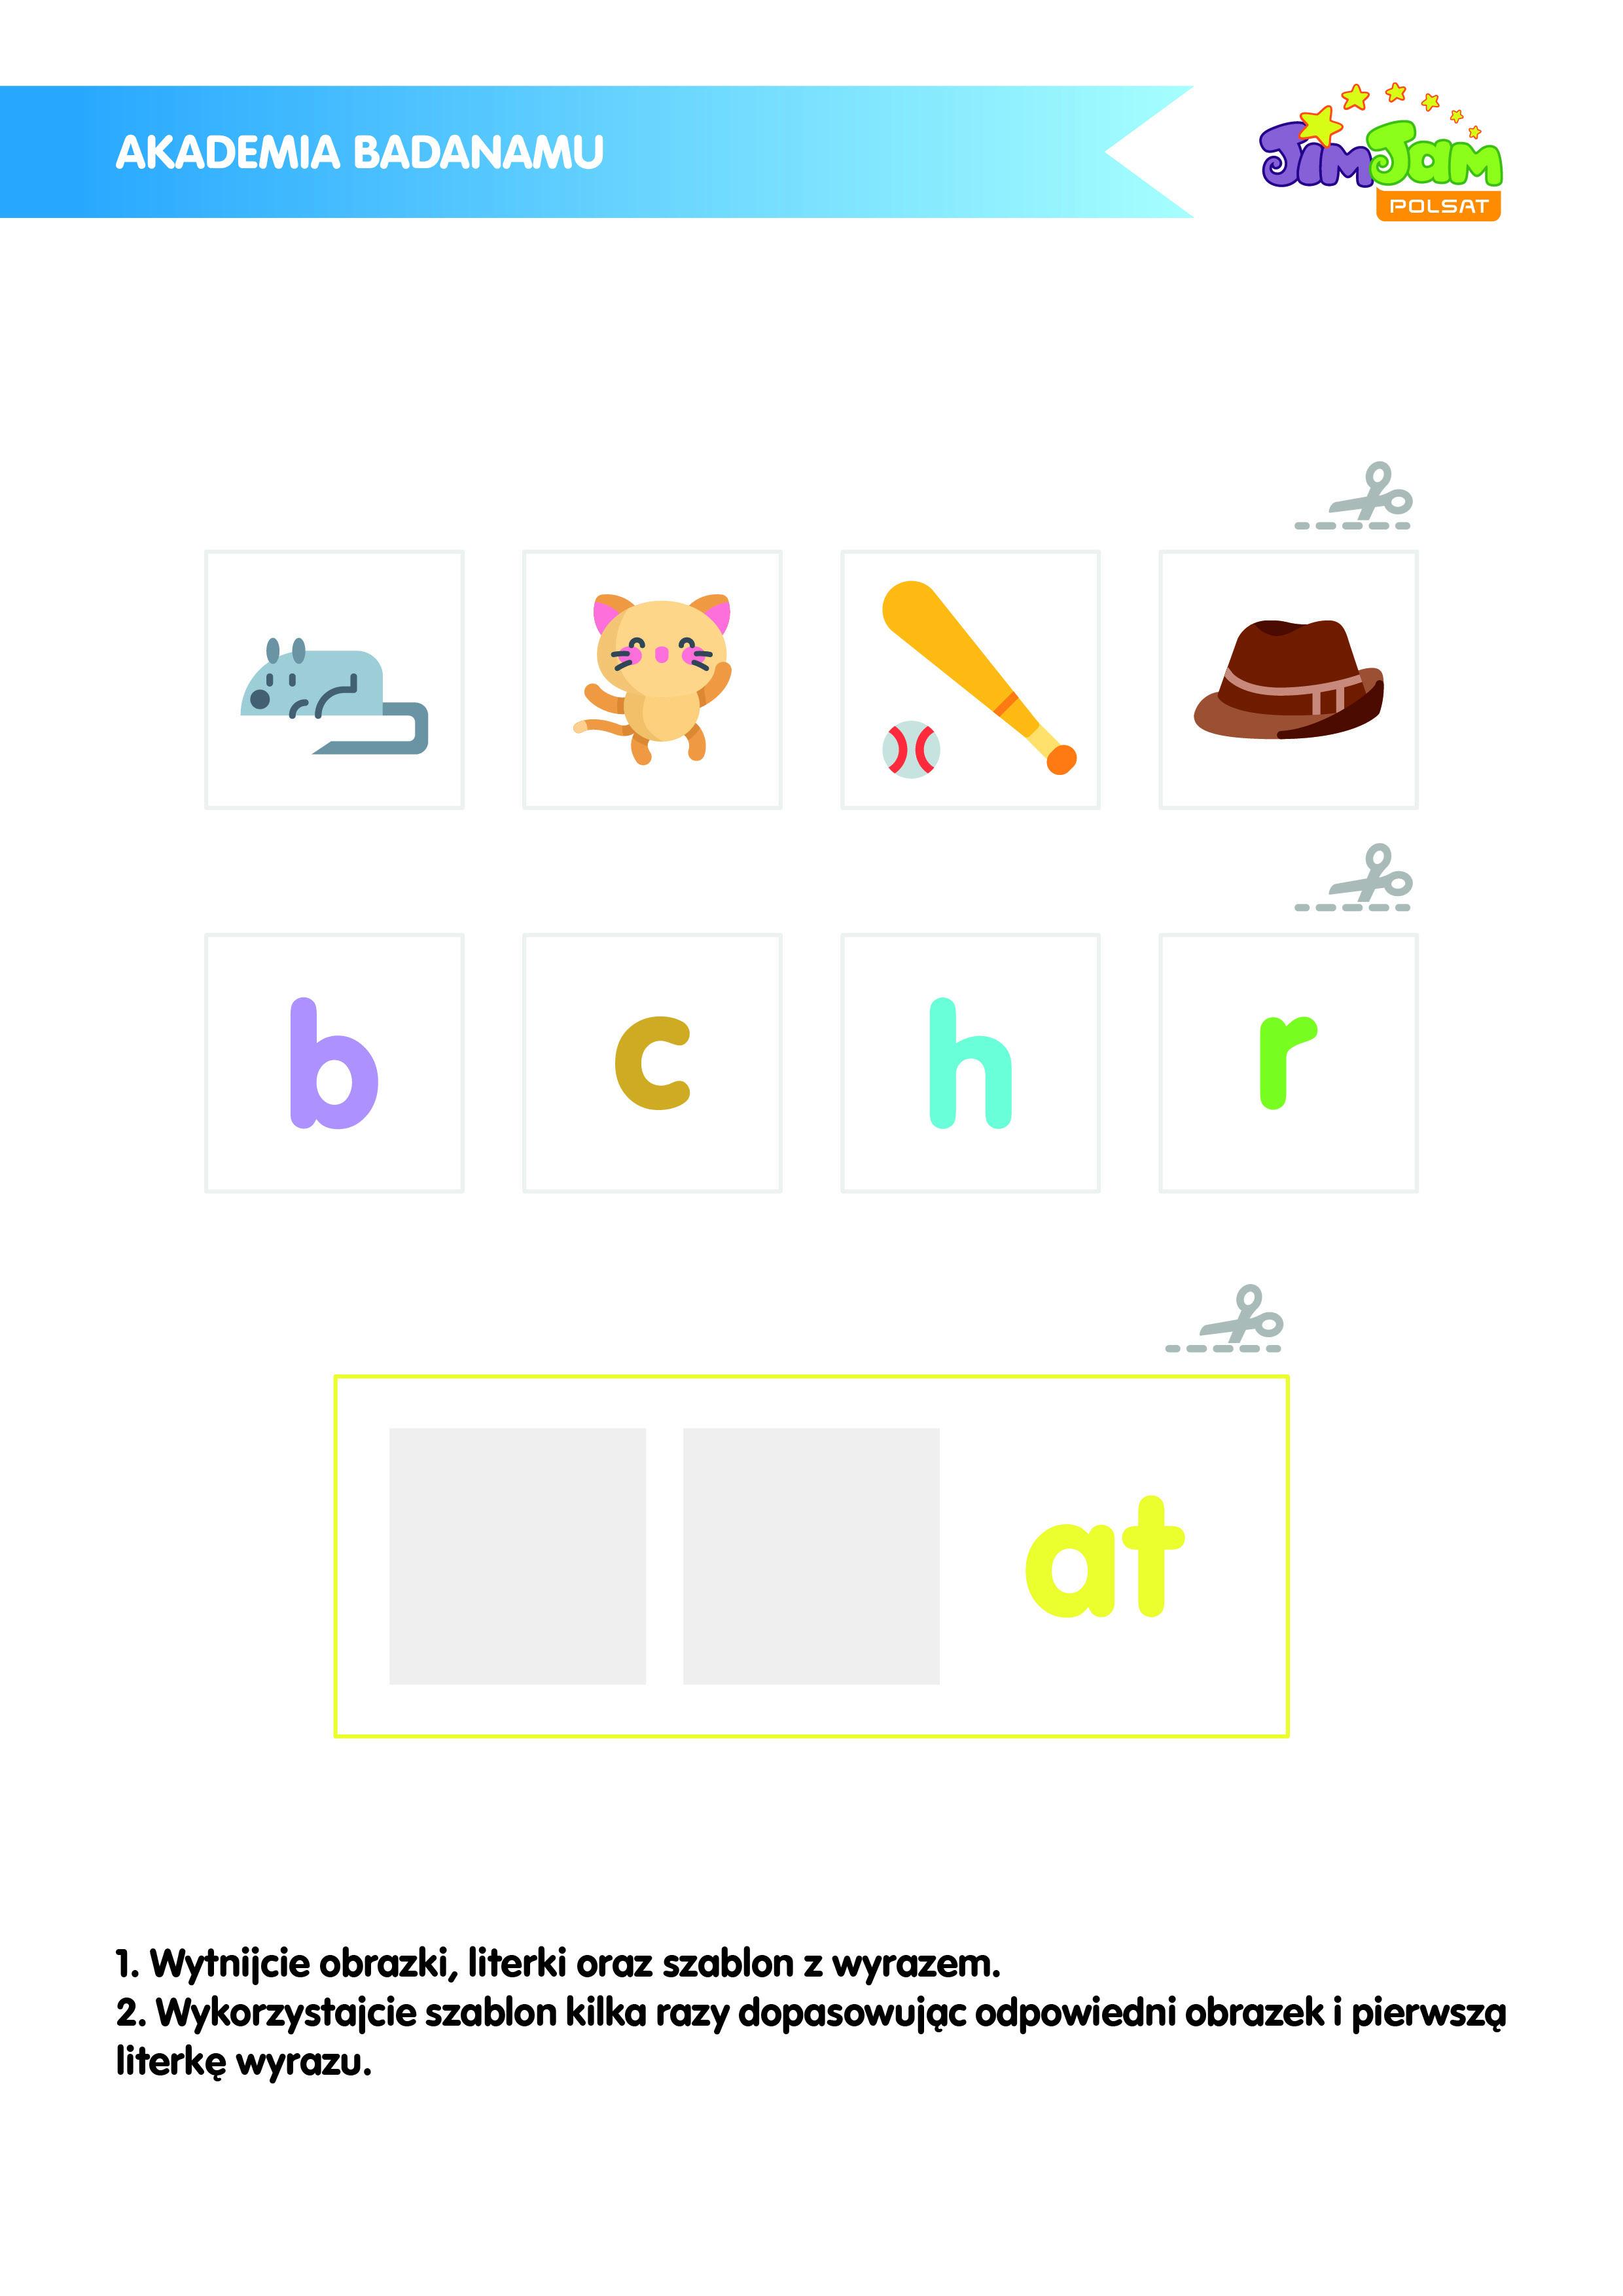 Szablony z literkami i obrazkami do nauki j. angielskiego z serialu Badanamu